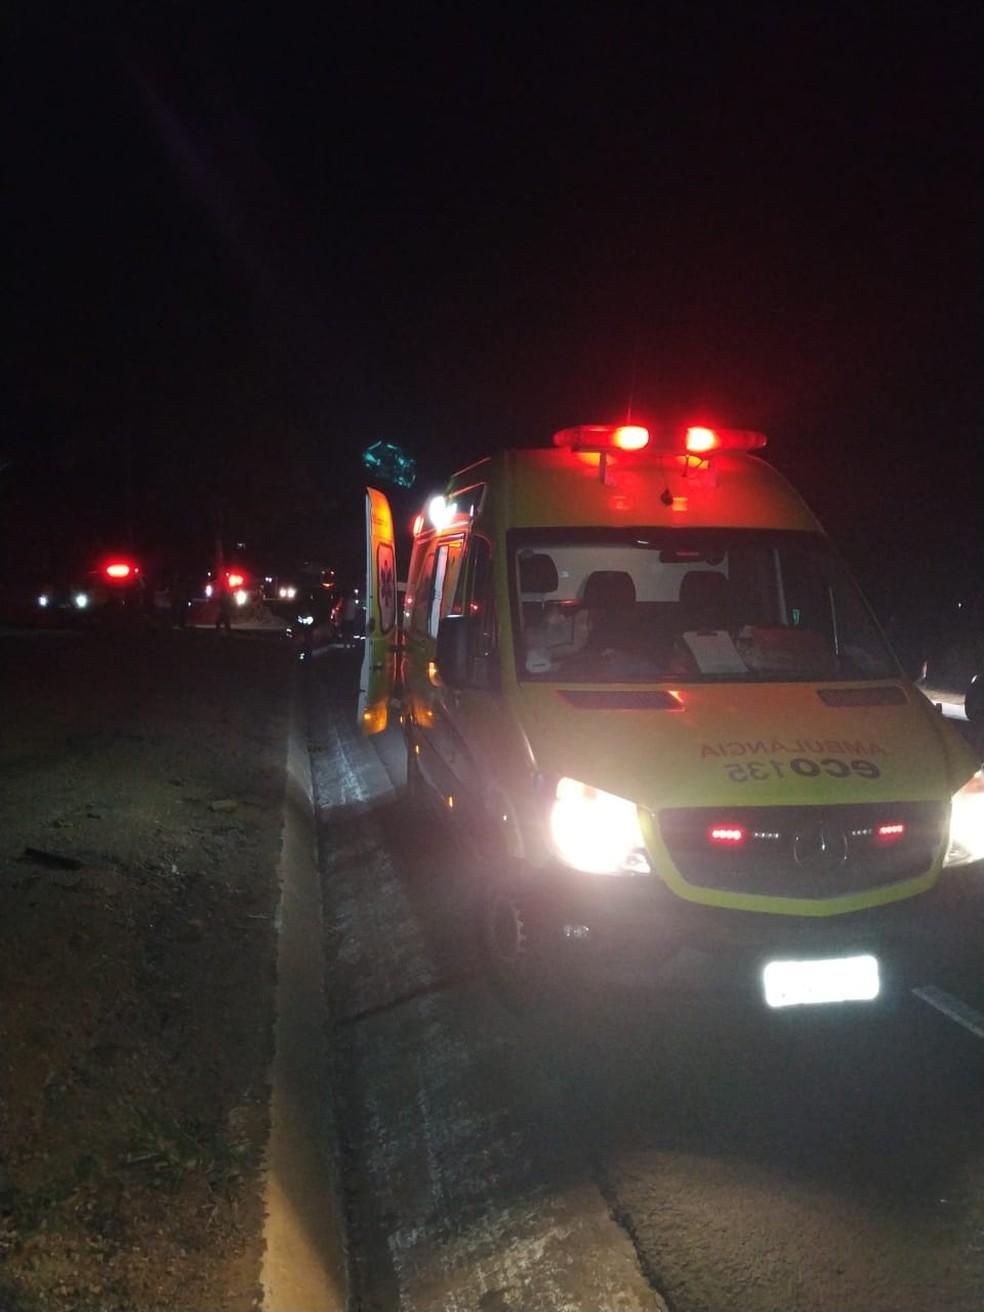 Ocupantes do carro foram socorridos pela ambulância da ECO-135 — Foto: Polícia Militar/Divulgação